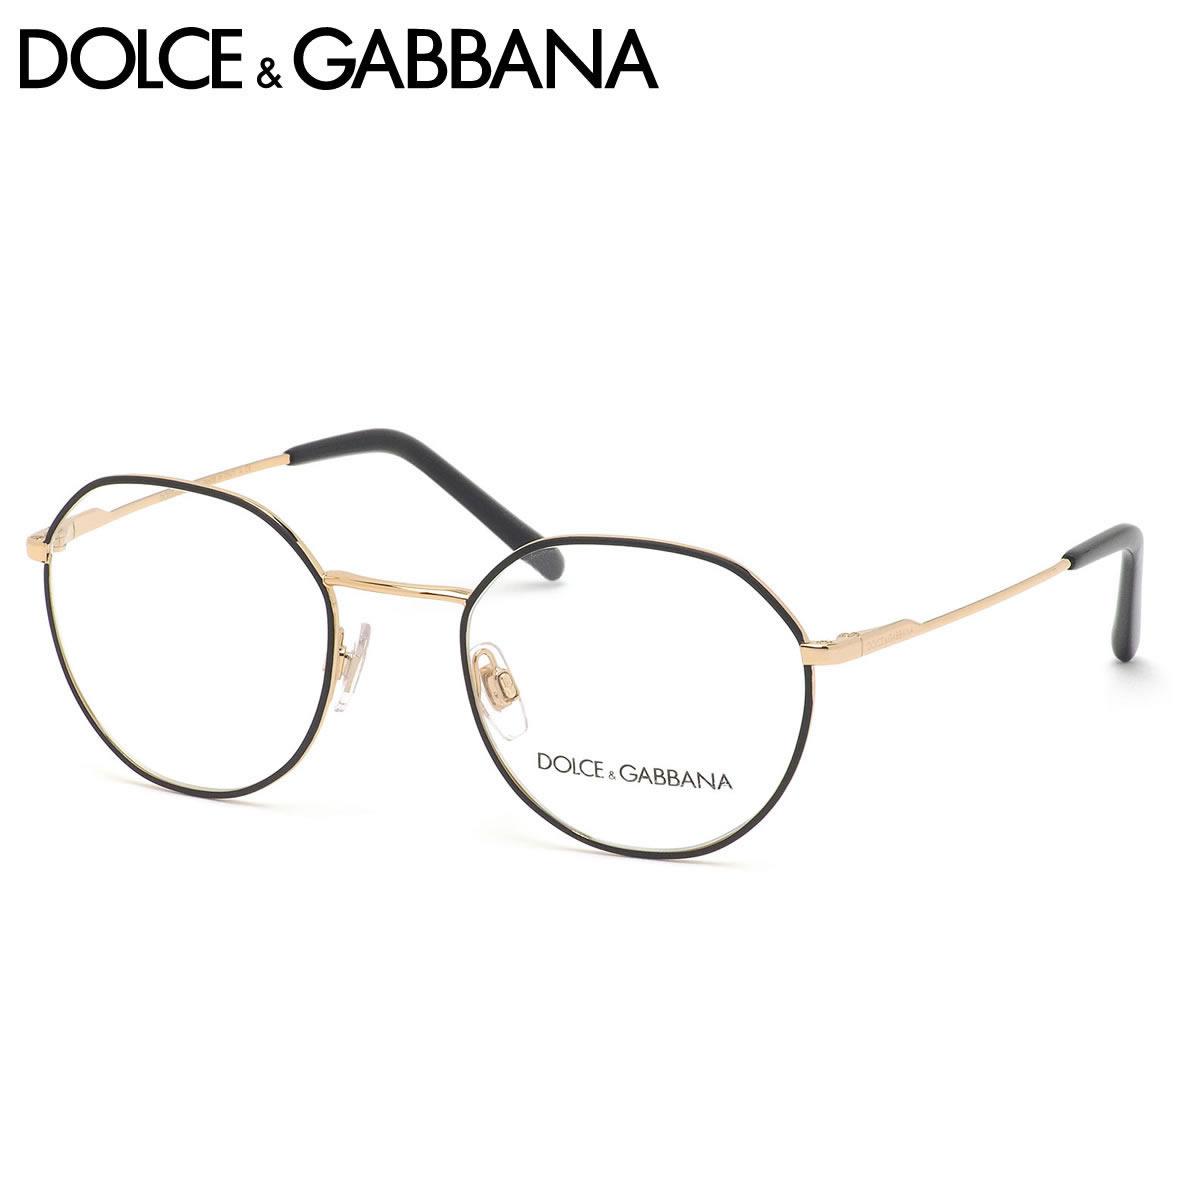 ドルチェ&ガッバーナ DOLCE&GABBANA メガネ DG1324 1334 50サイズ D&G ドルガバ クラウンパント メンズ レディース